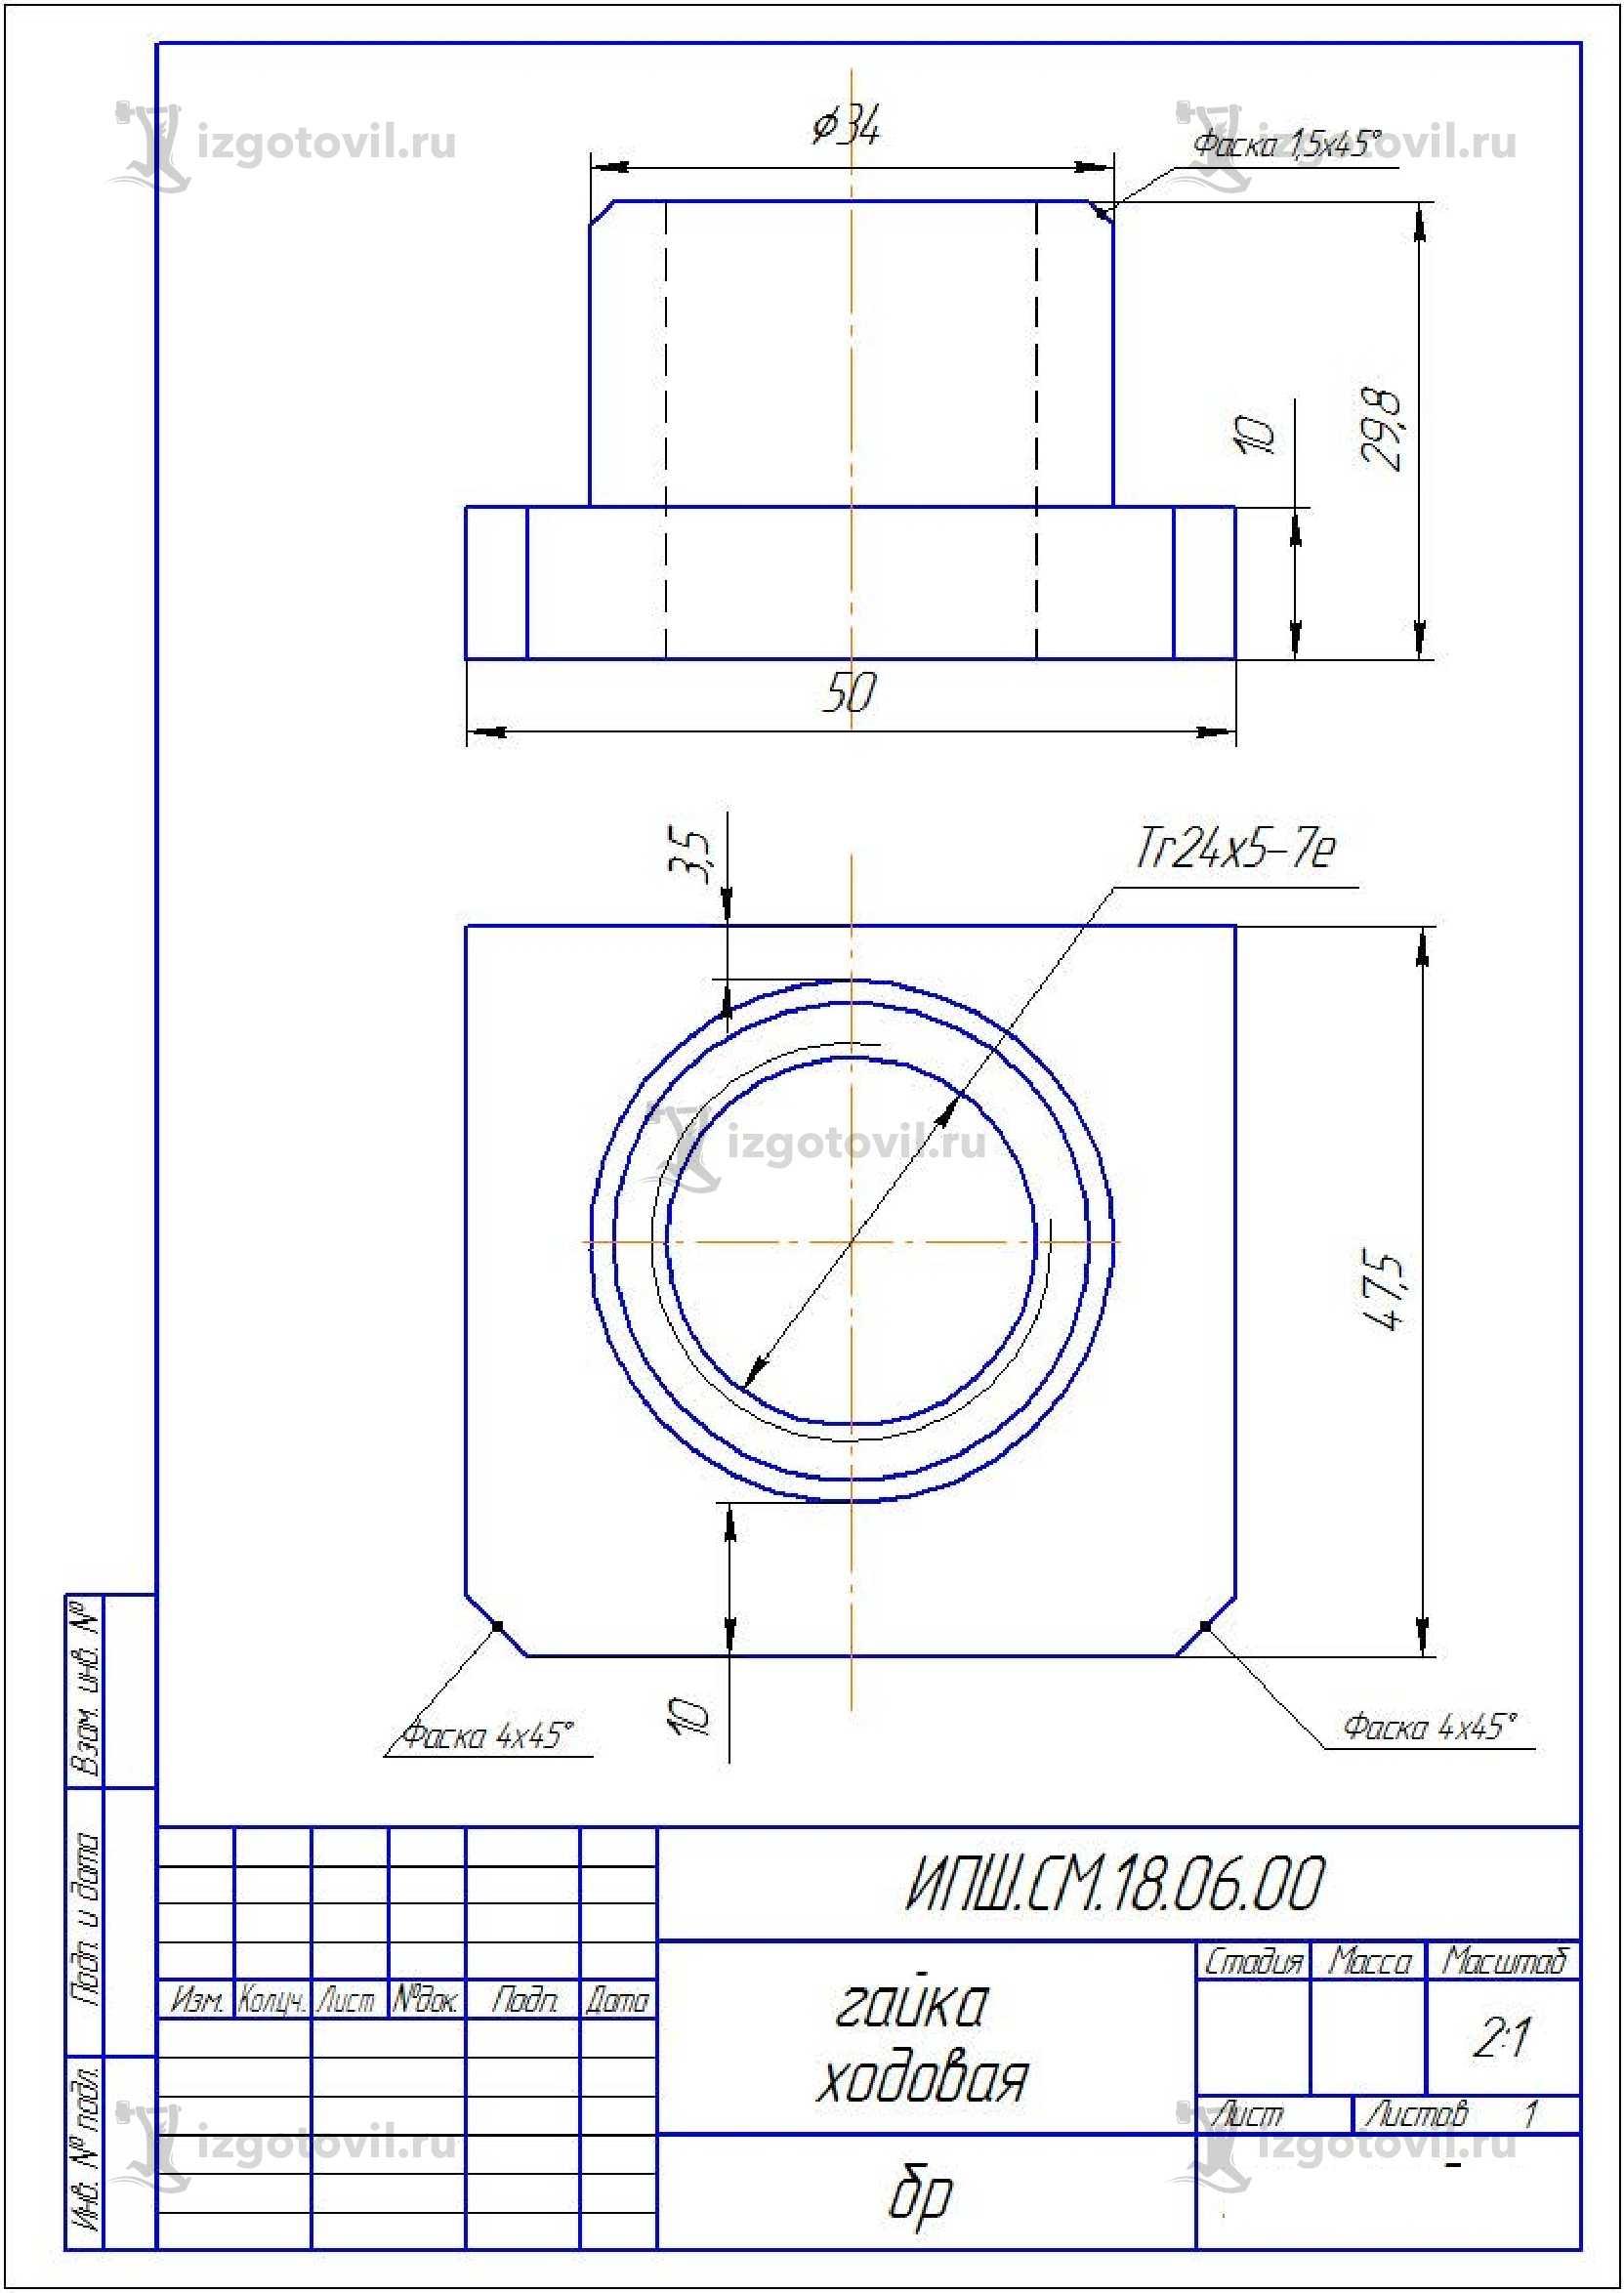 Изготовление цилиндрических деталей (винт малый, гайка винта)